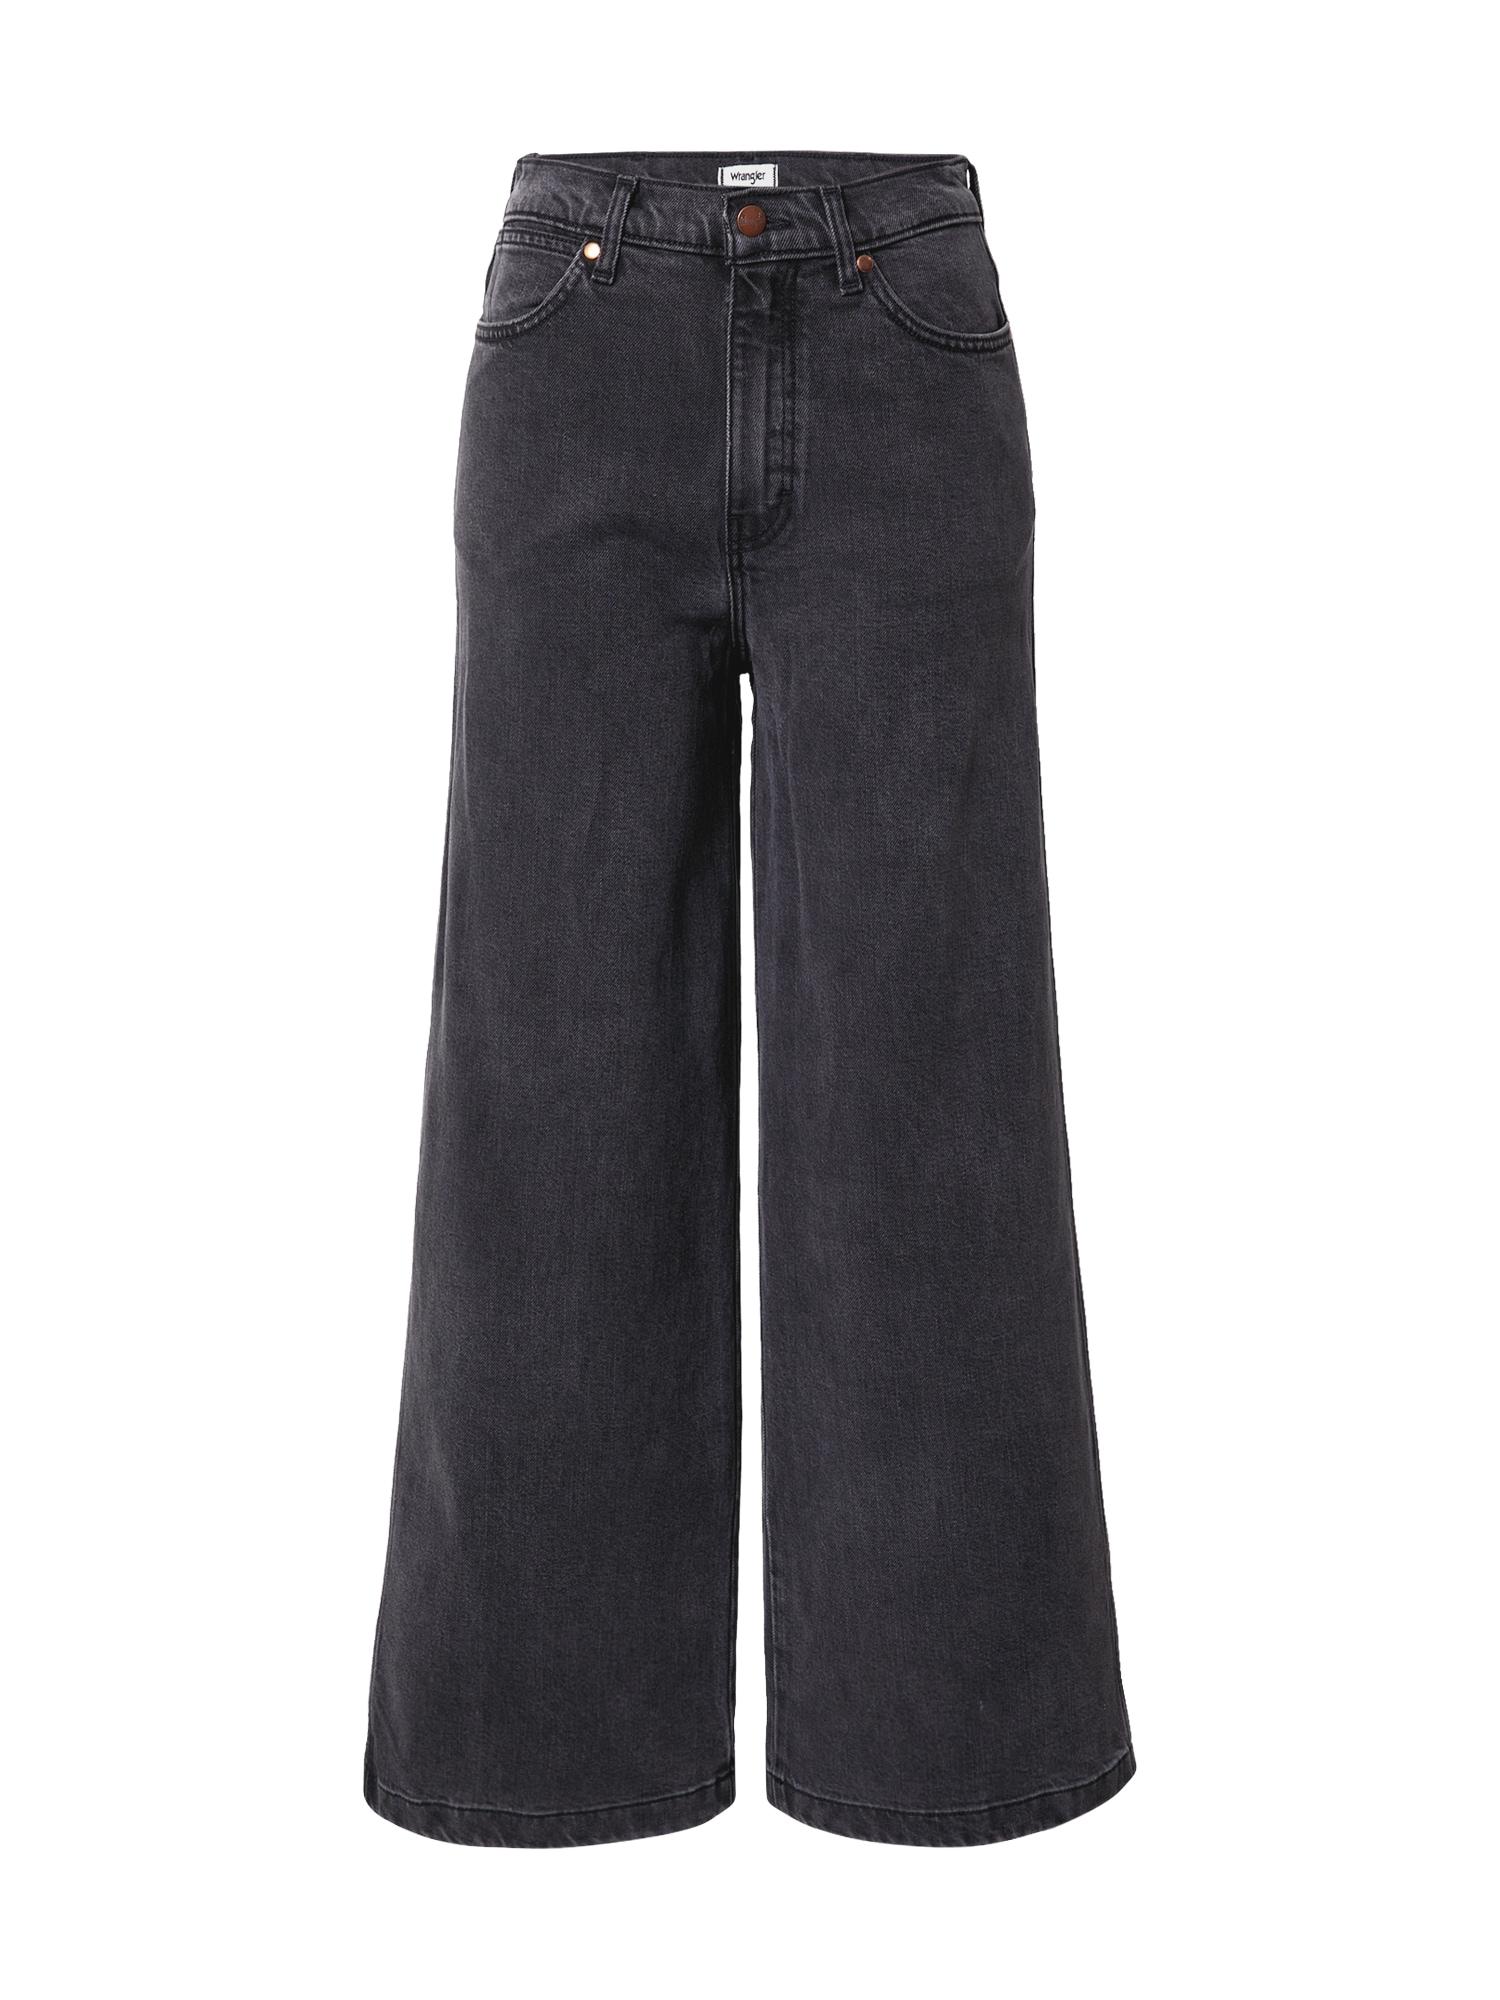 WRANGLER Džinsai 'Worldwide' juodo džinso spalva